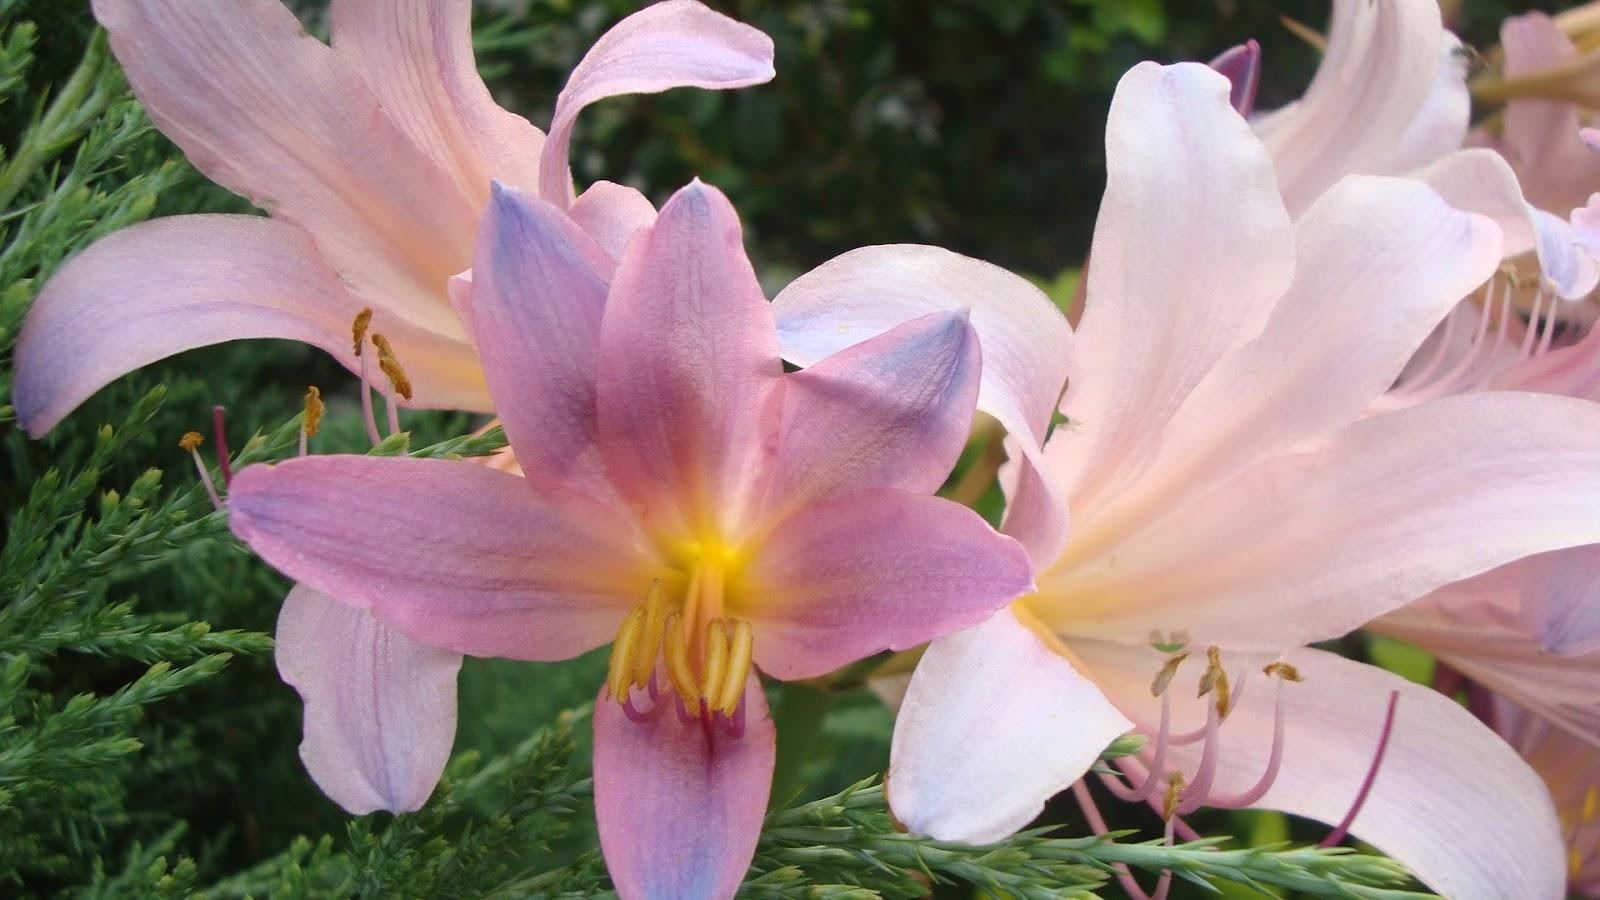 Naked Lady Flower Gardens Hot Girls Wallpaper